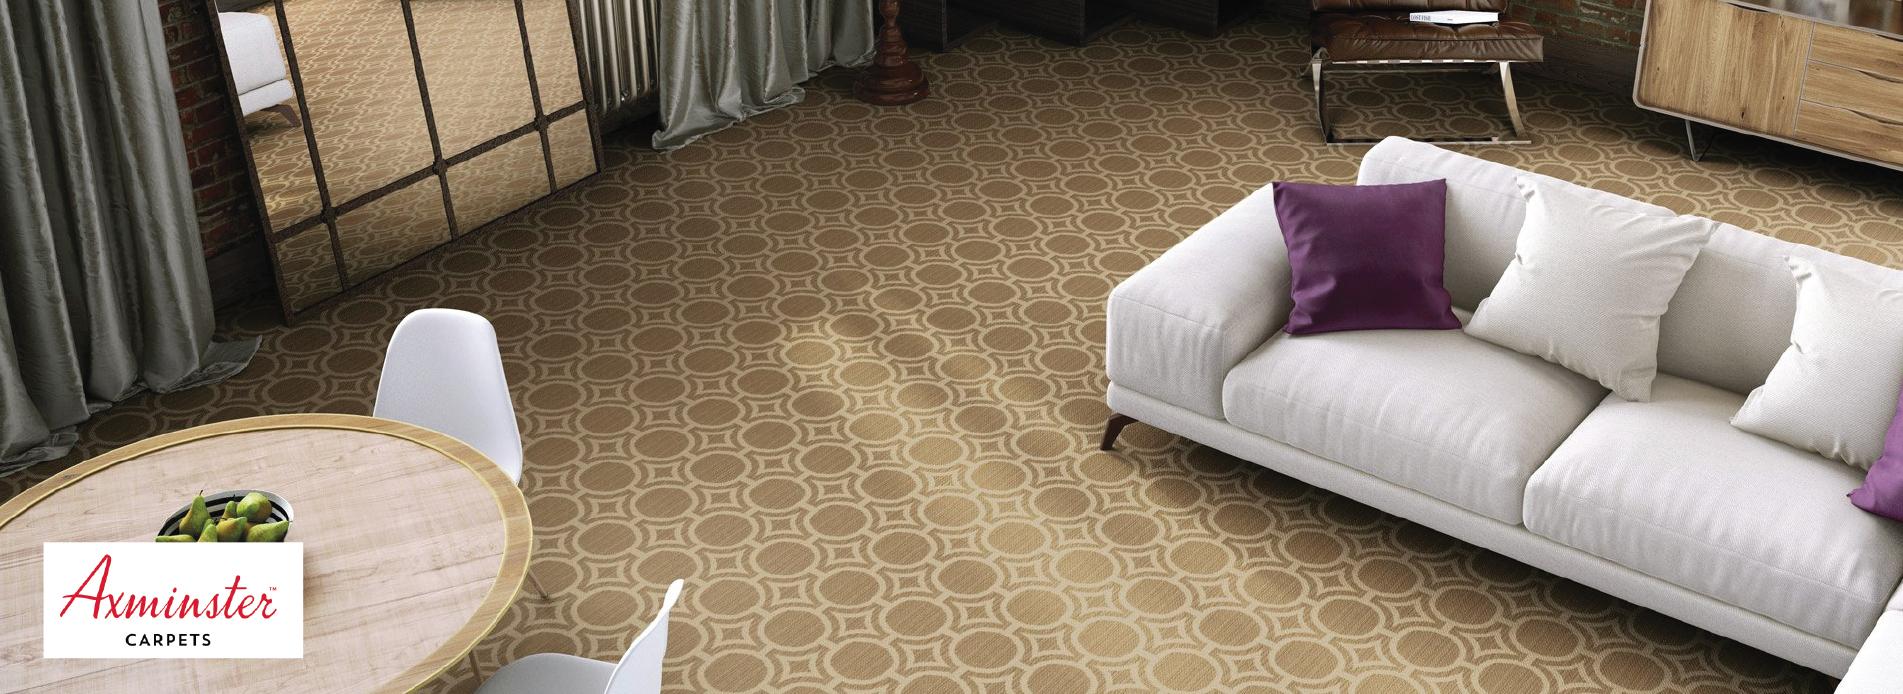 Axminster Carpets banner